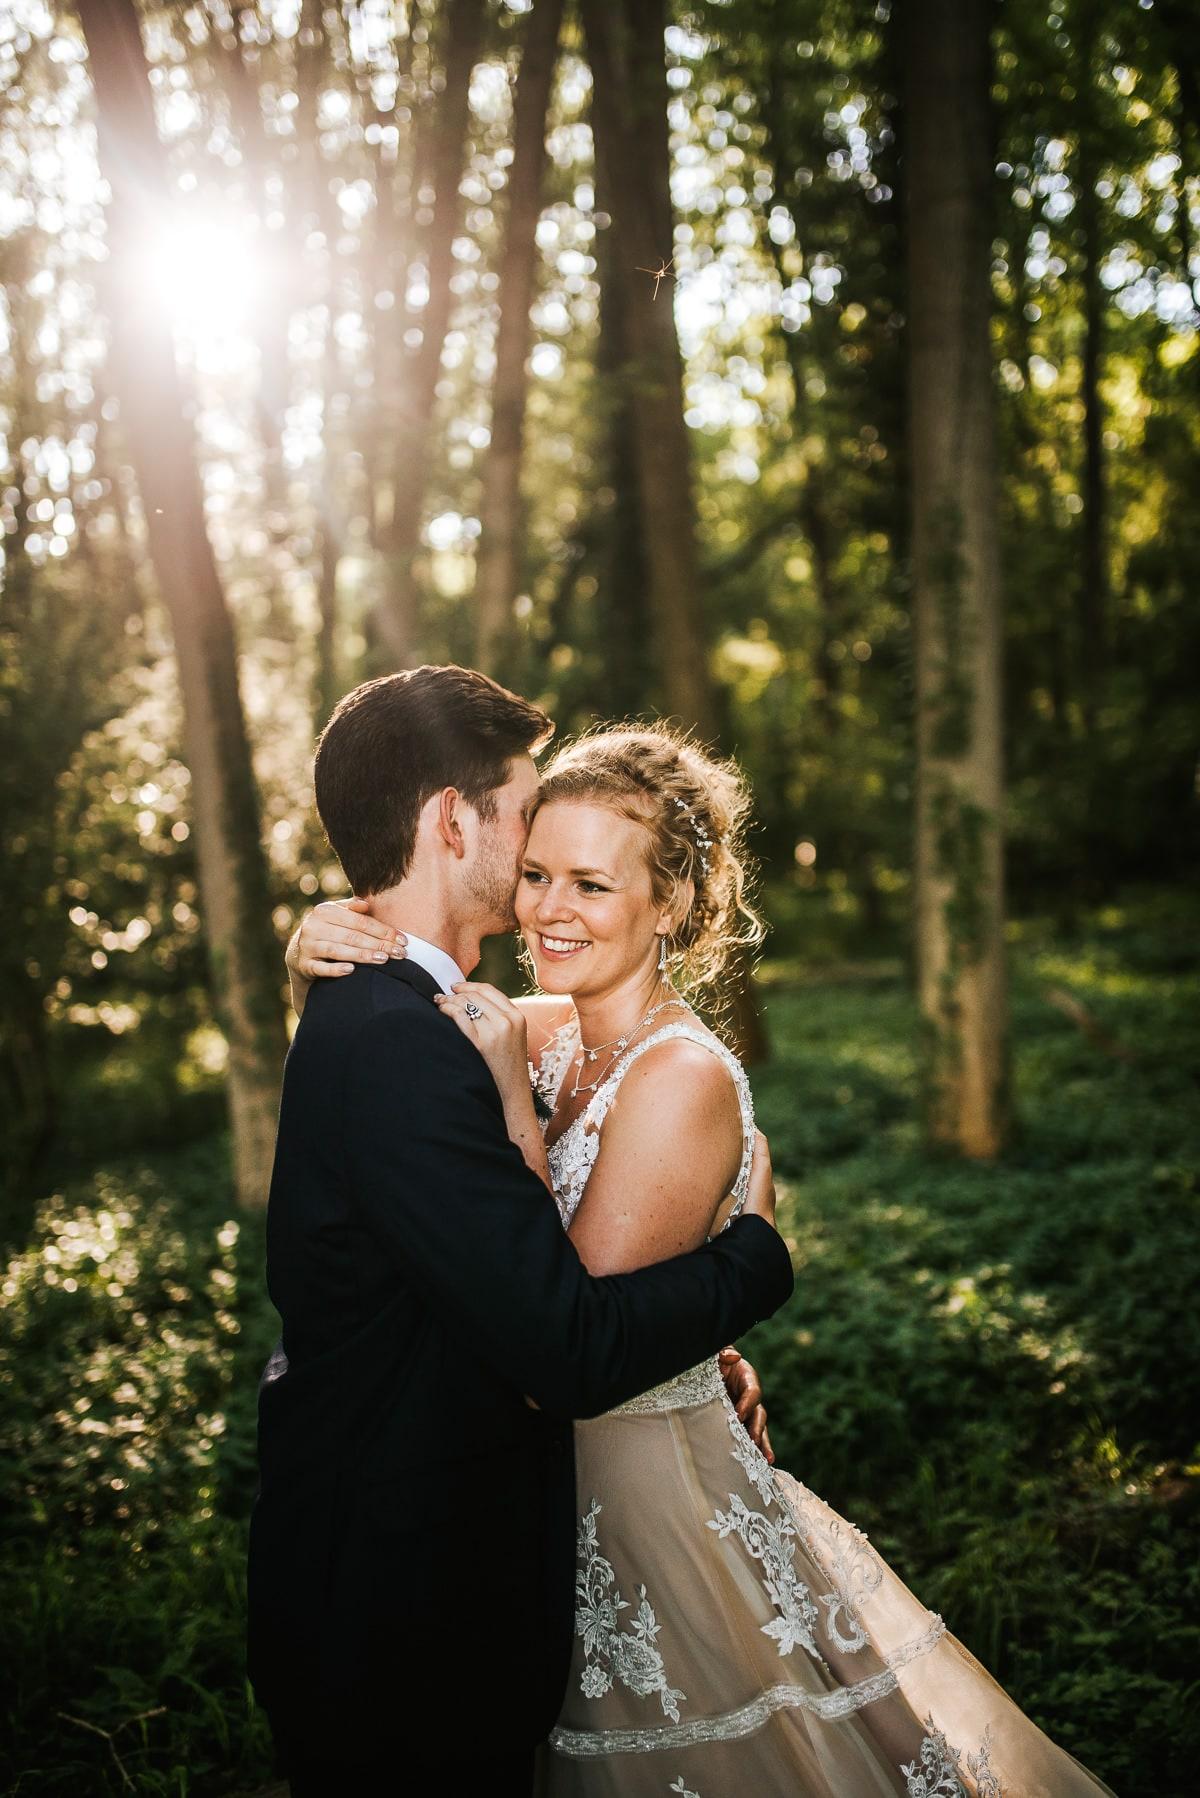 wedding photos reading woodland couple shoot